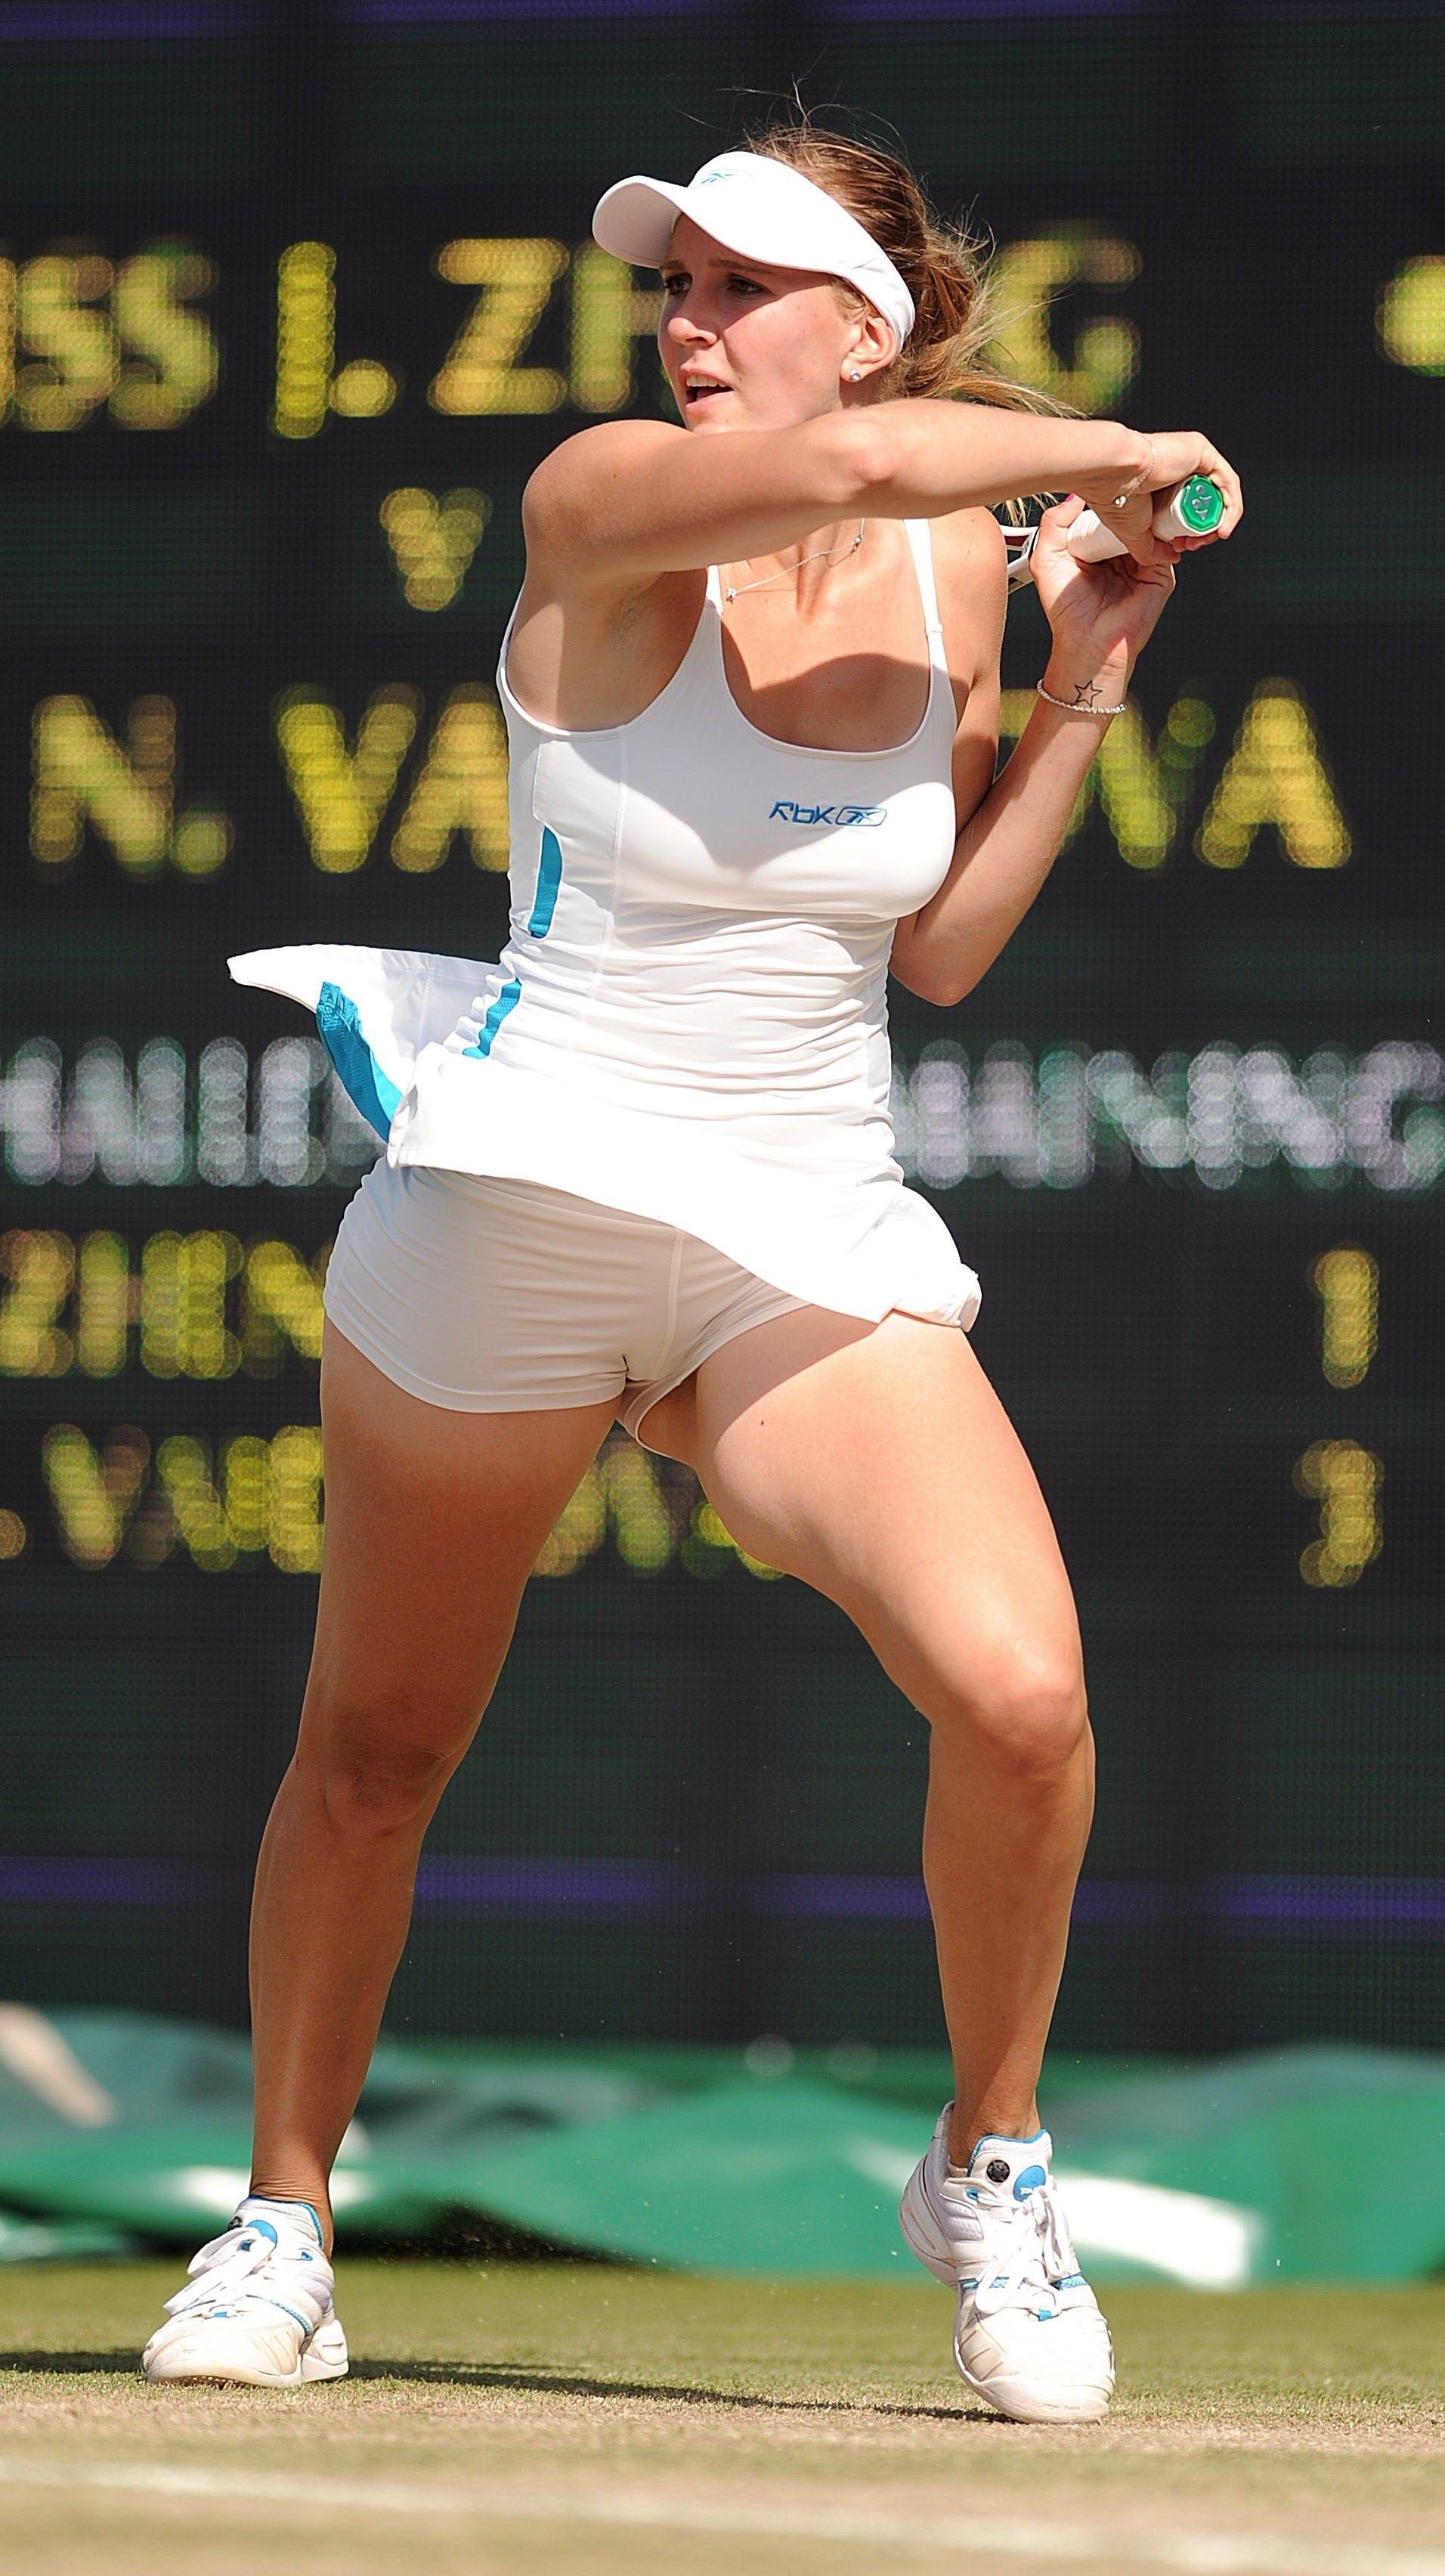 Sexy tennis upskirt shots